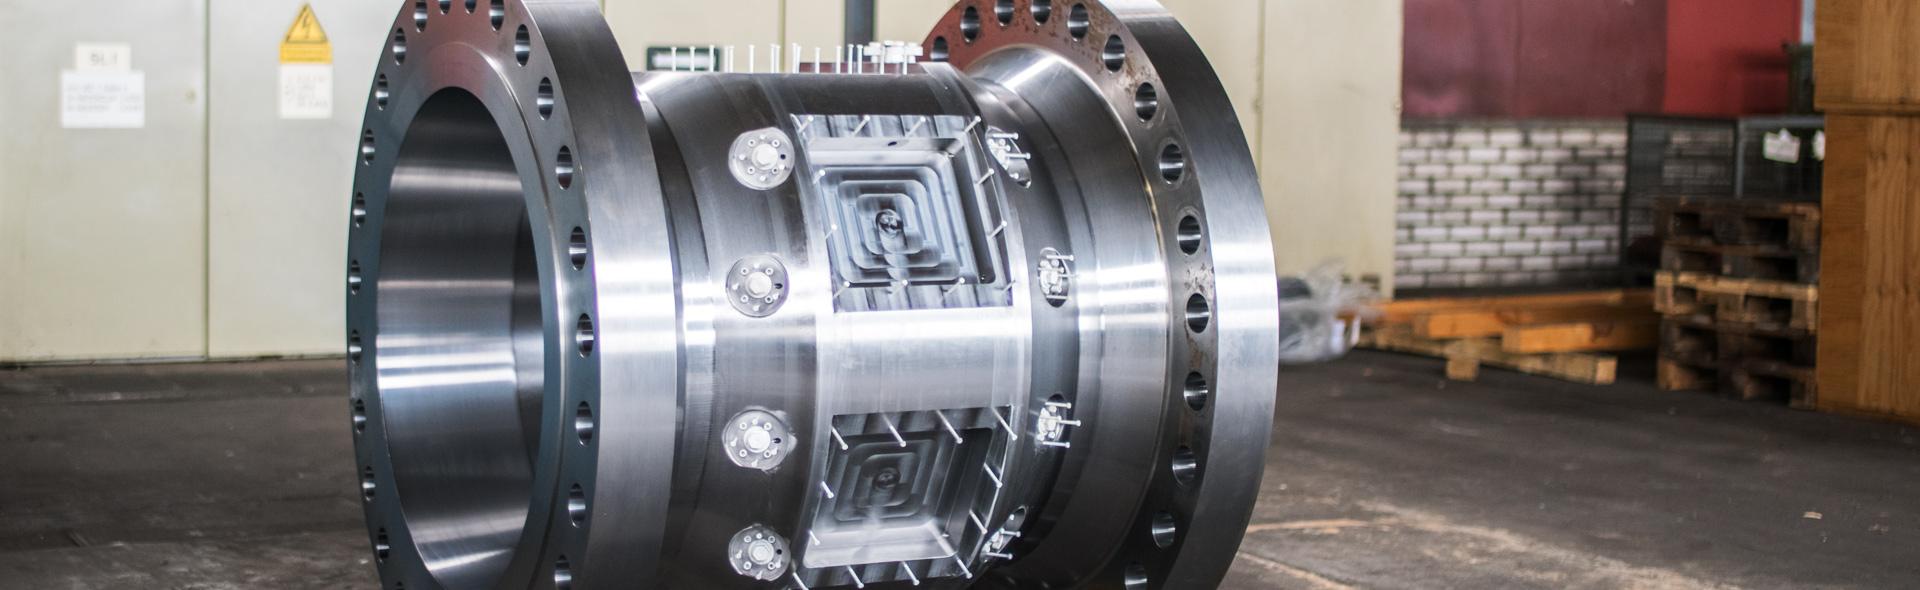 Referenzen von Maschinenbau Mundil GmbH & Co. KG